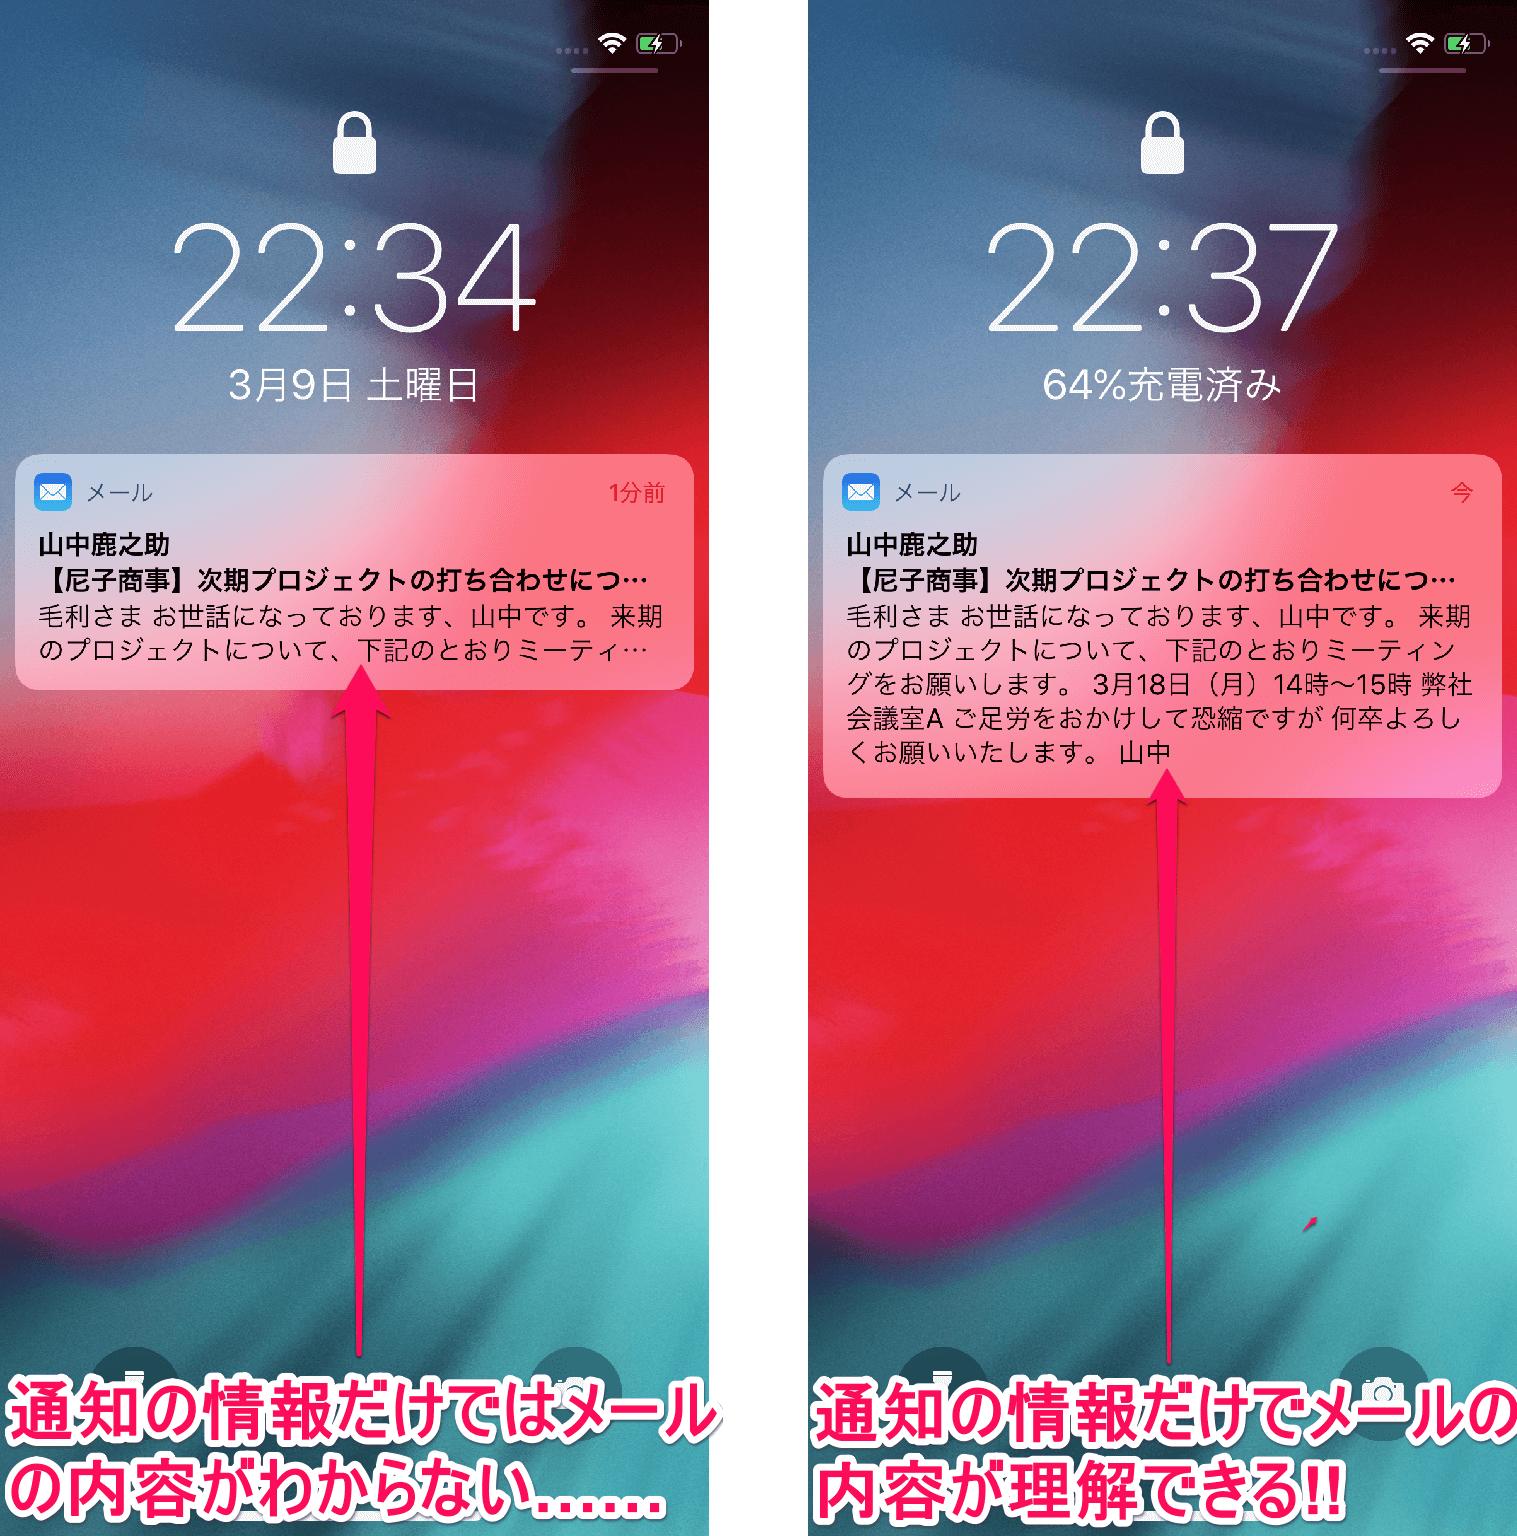 iPhone(アイフォーン)の[メール]アプリの通知画面に表示されるメールの本文量を2行から5行に変更した際のビフォーアフター画面